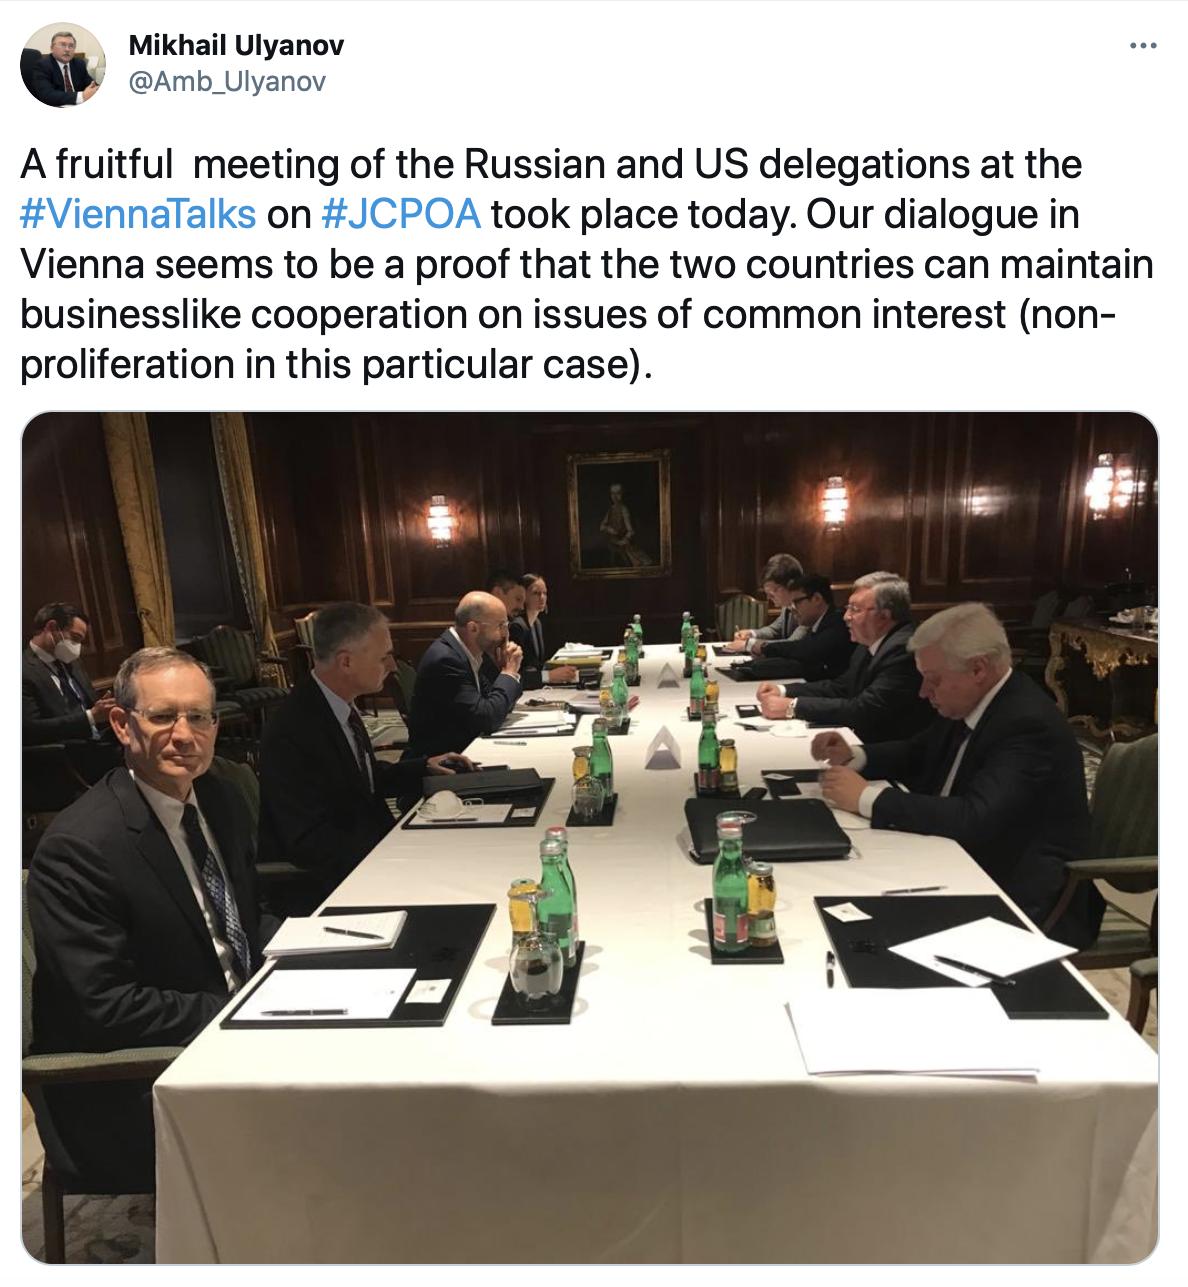 اولیانوف: دیدار هیاتهای آمریکا و روسیه بر سر برجام پرثمر بود